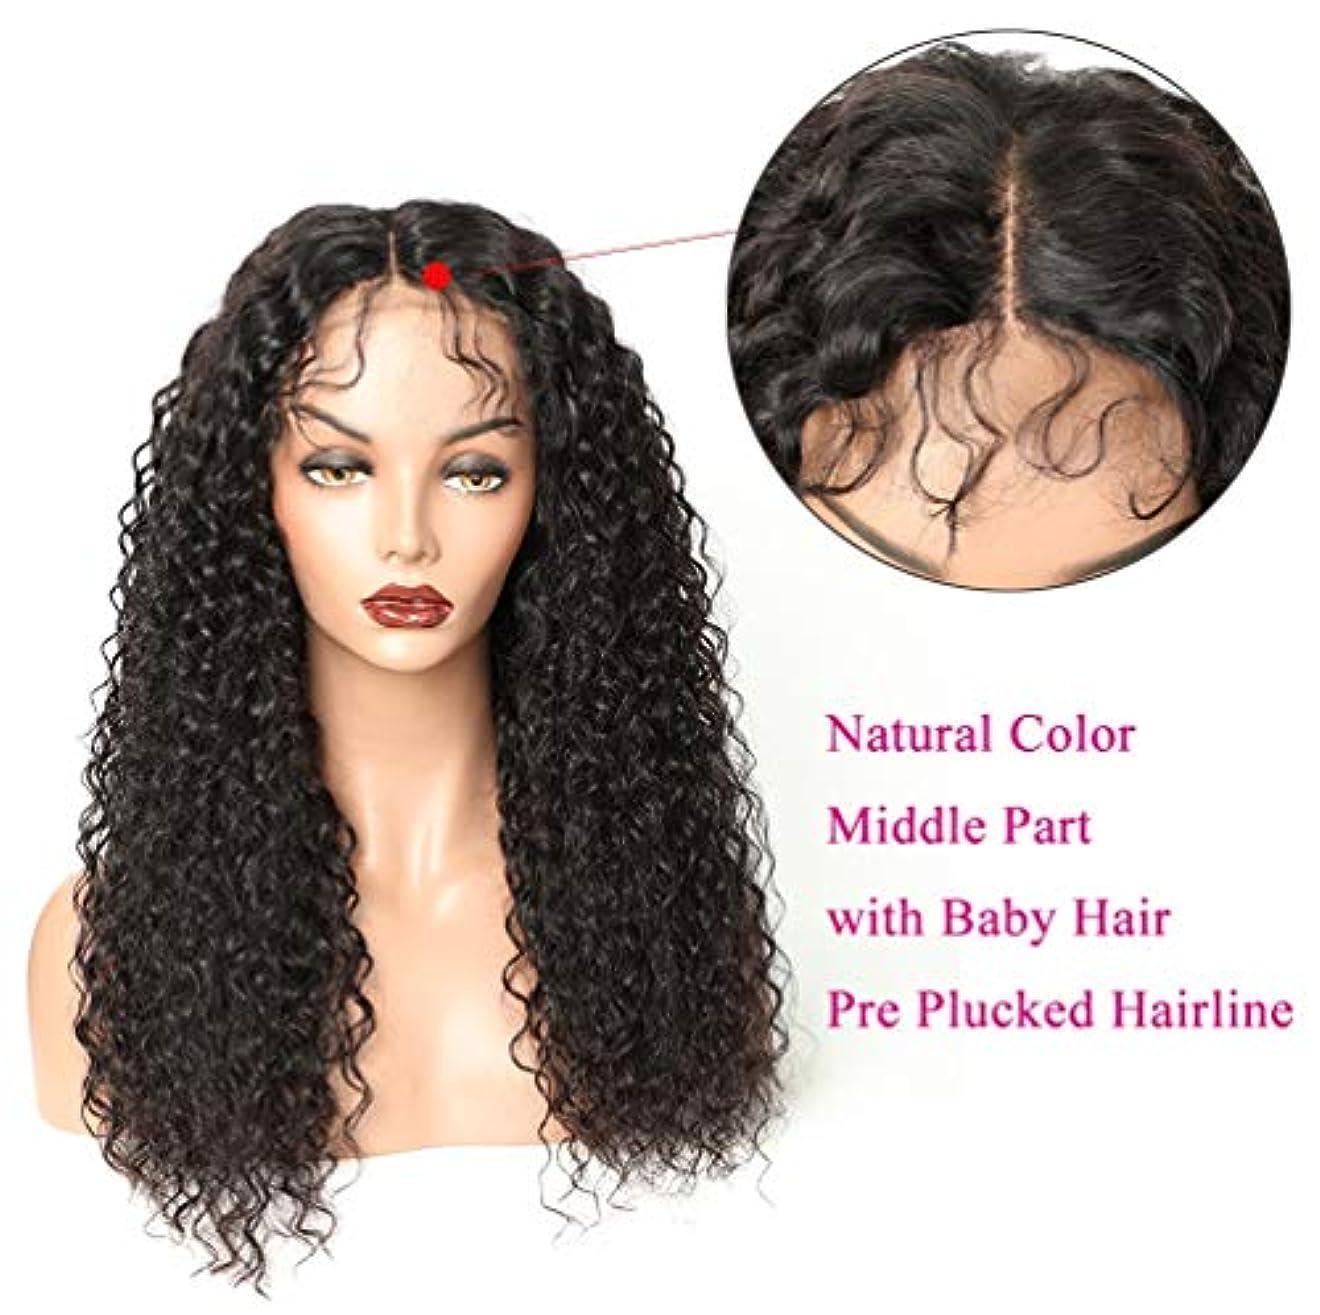 石化するブリード共和党女性レース前頭かつら150%密度ブラジルカーリーバージン人間の髪カーリーウェーブグルーレスレースかつらブラック24インチ